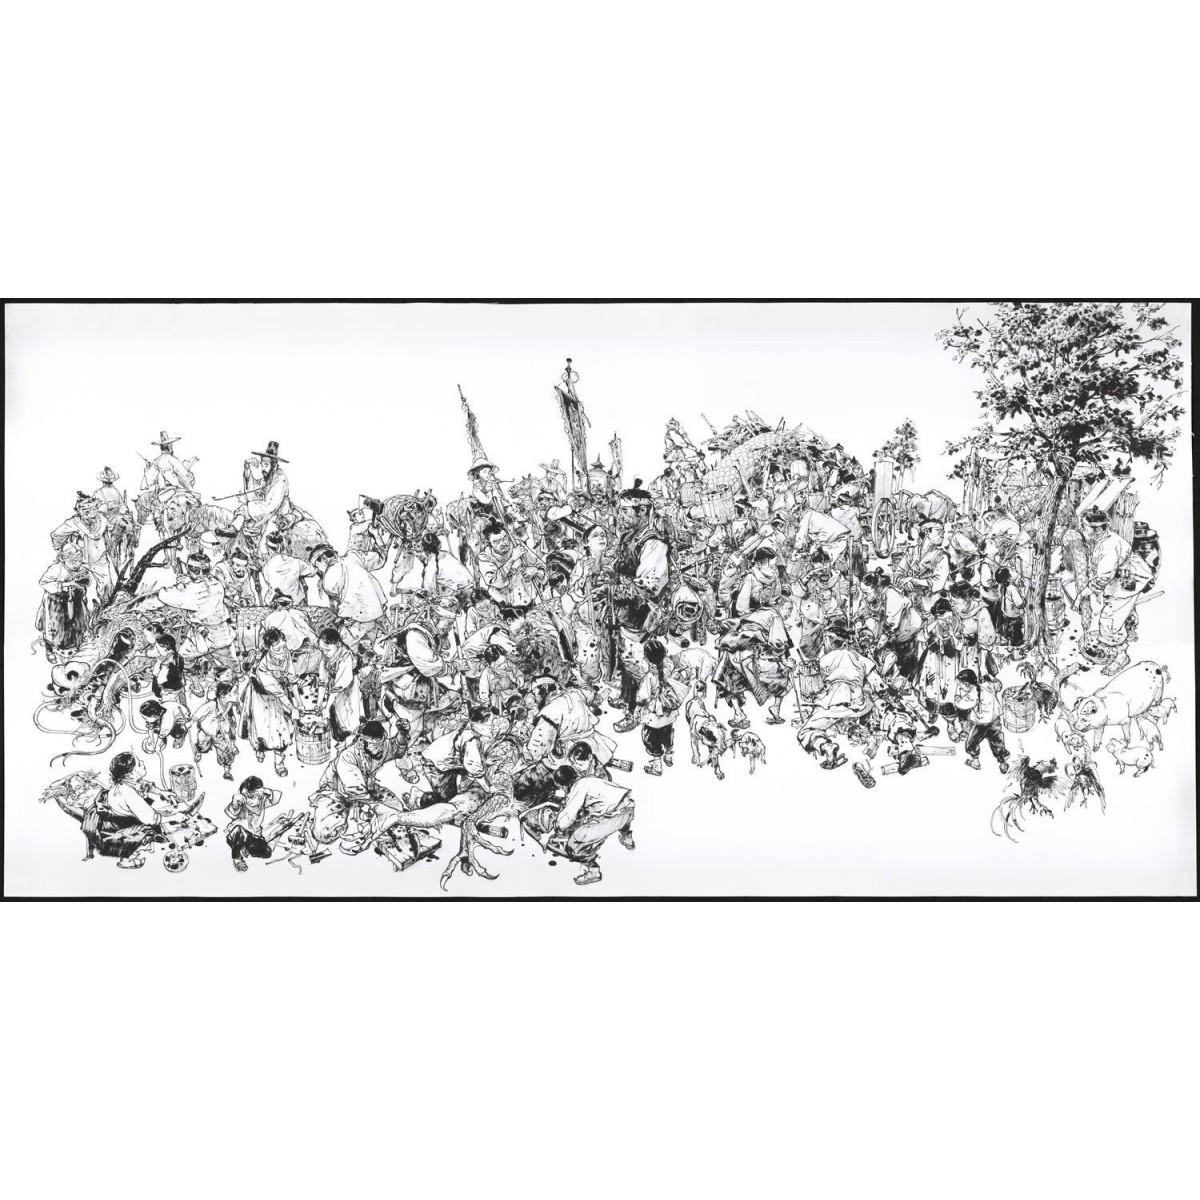 Digigraphie - 'Dragon Hunter' - 150 x 75 cm (numéroté et signé)